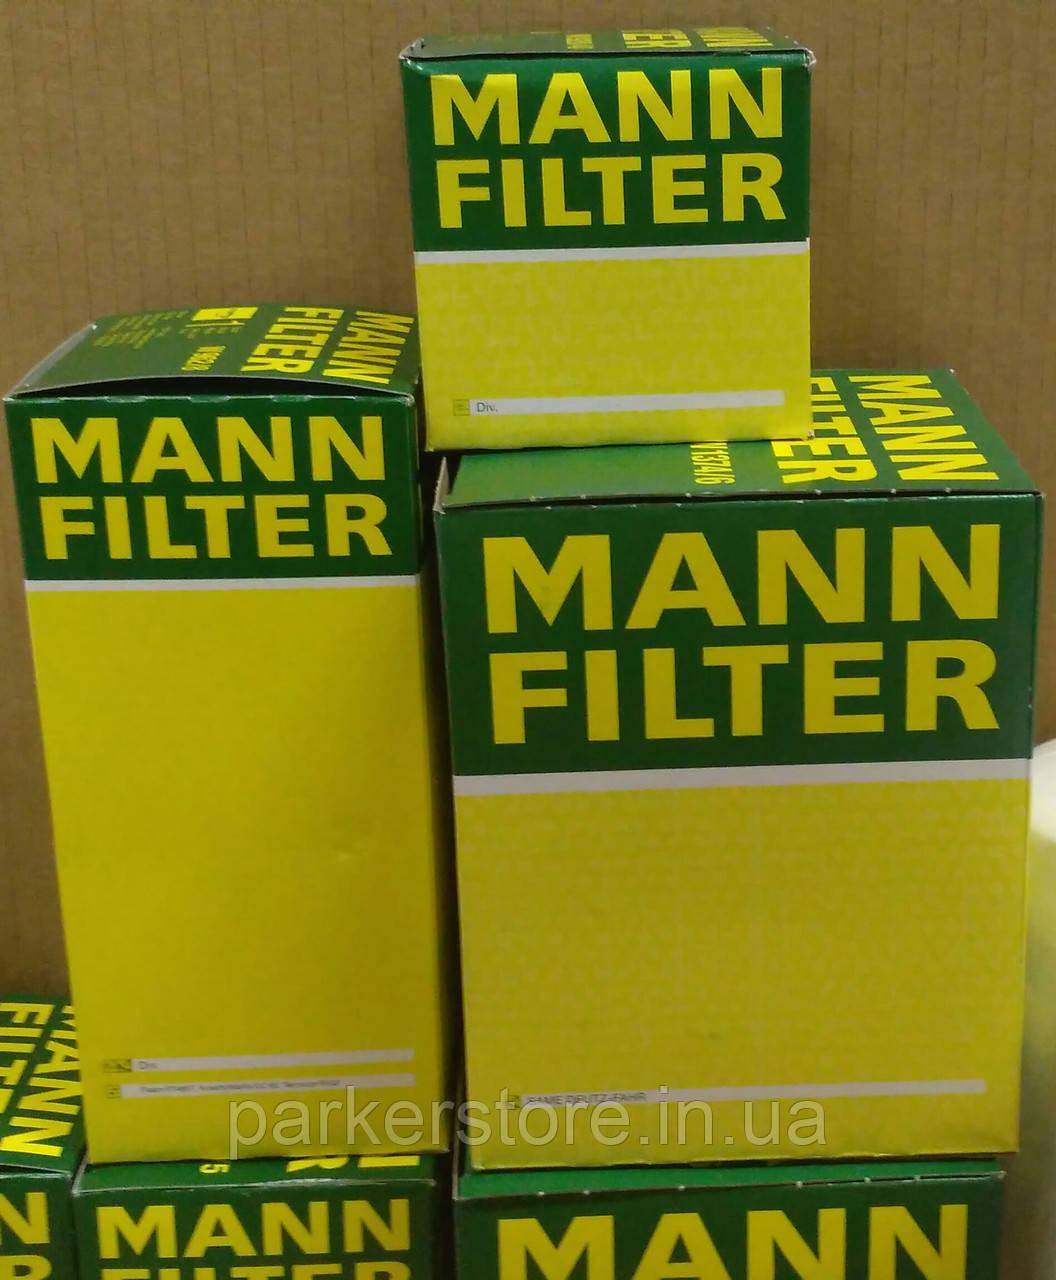 MANN FILTER / Повітряний фільтр / C 30 703/1 / C30703/1